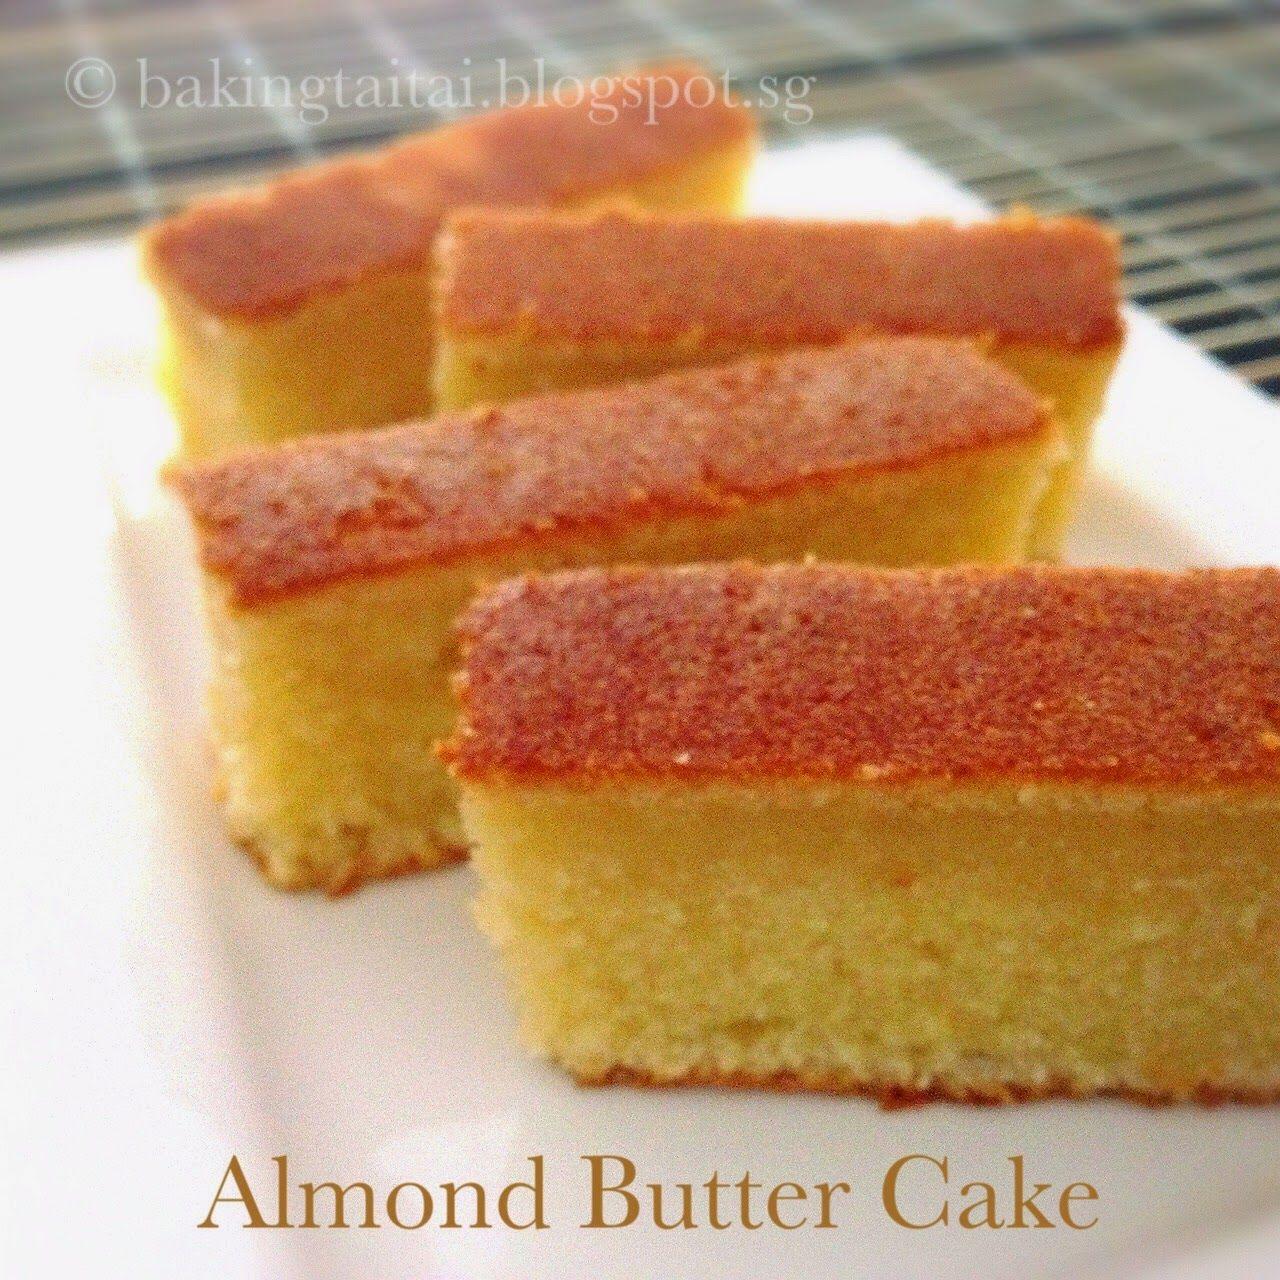 Baking Taitai Sponge Cake